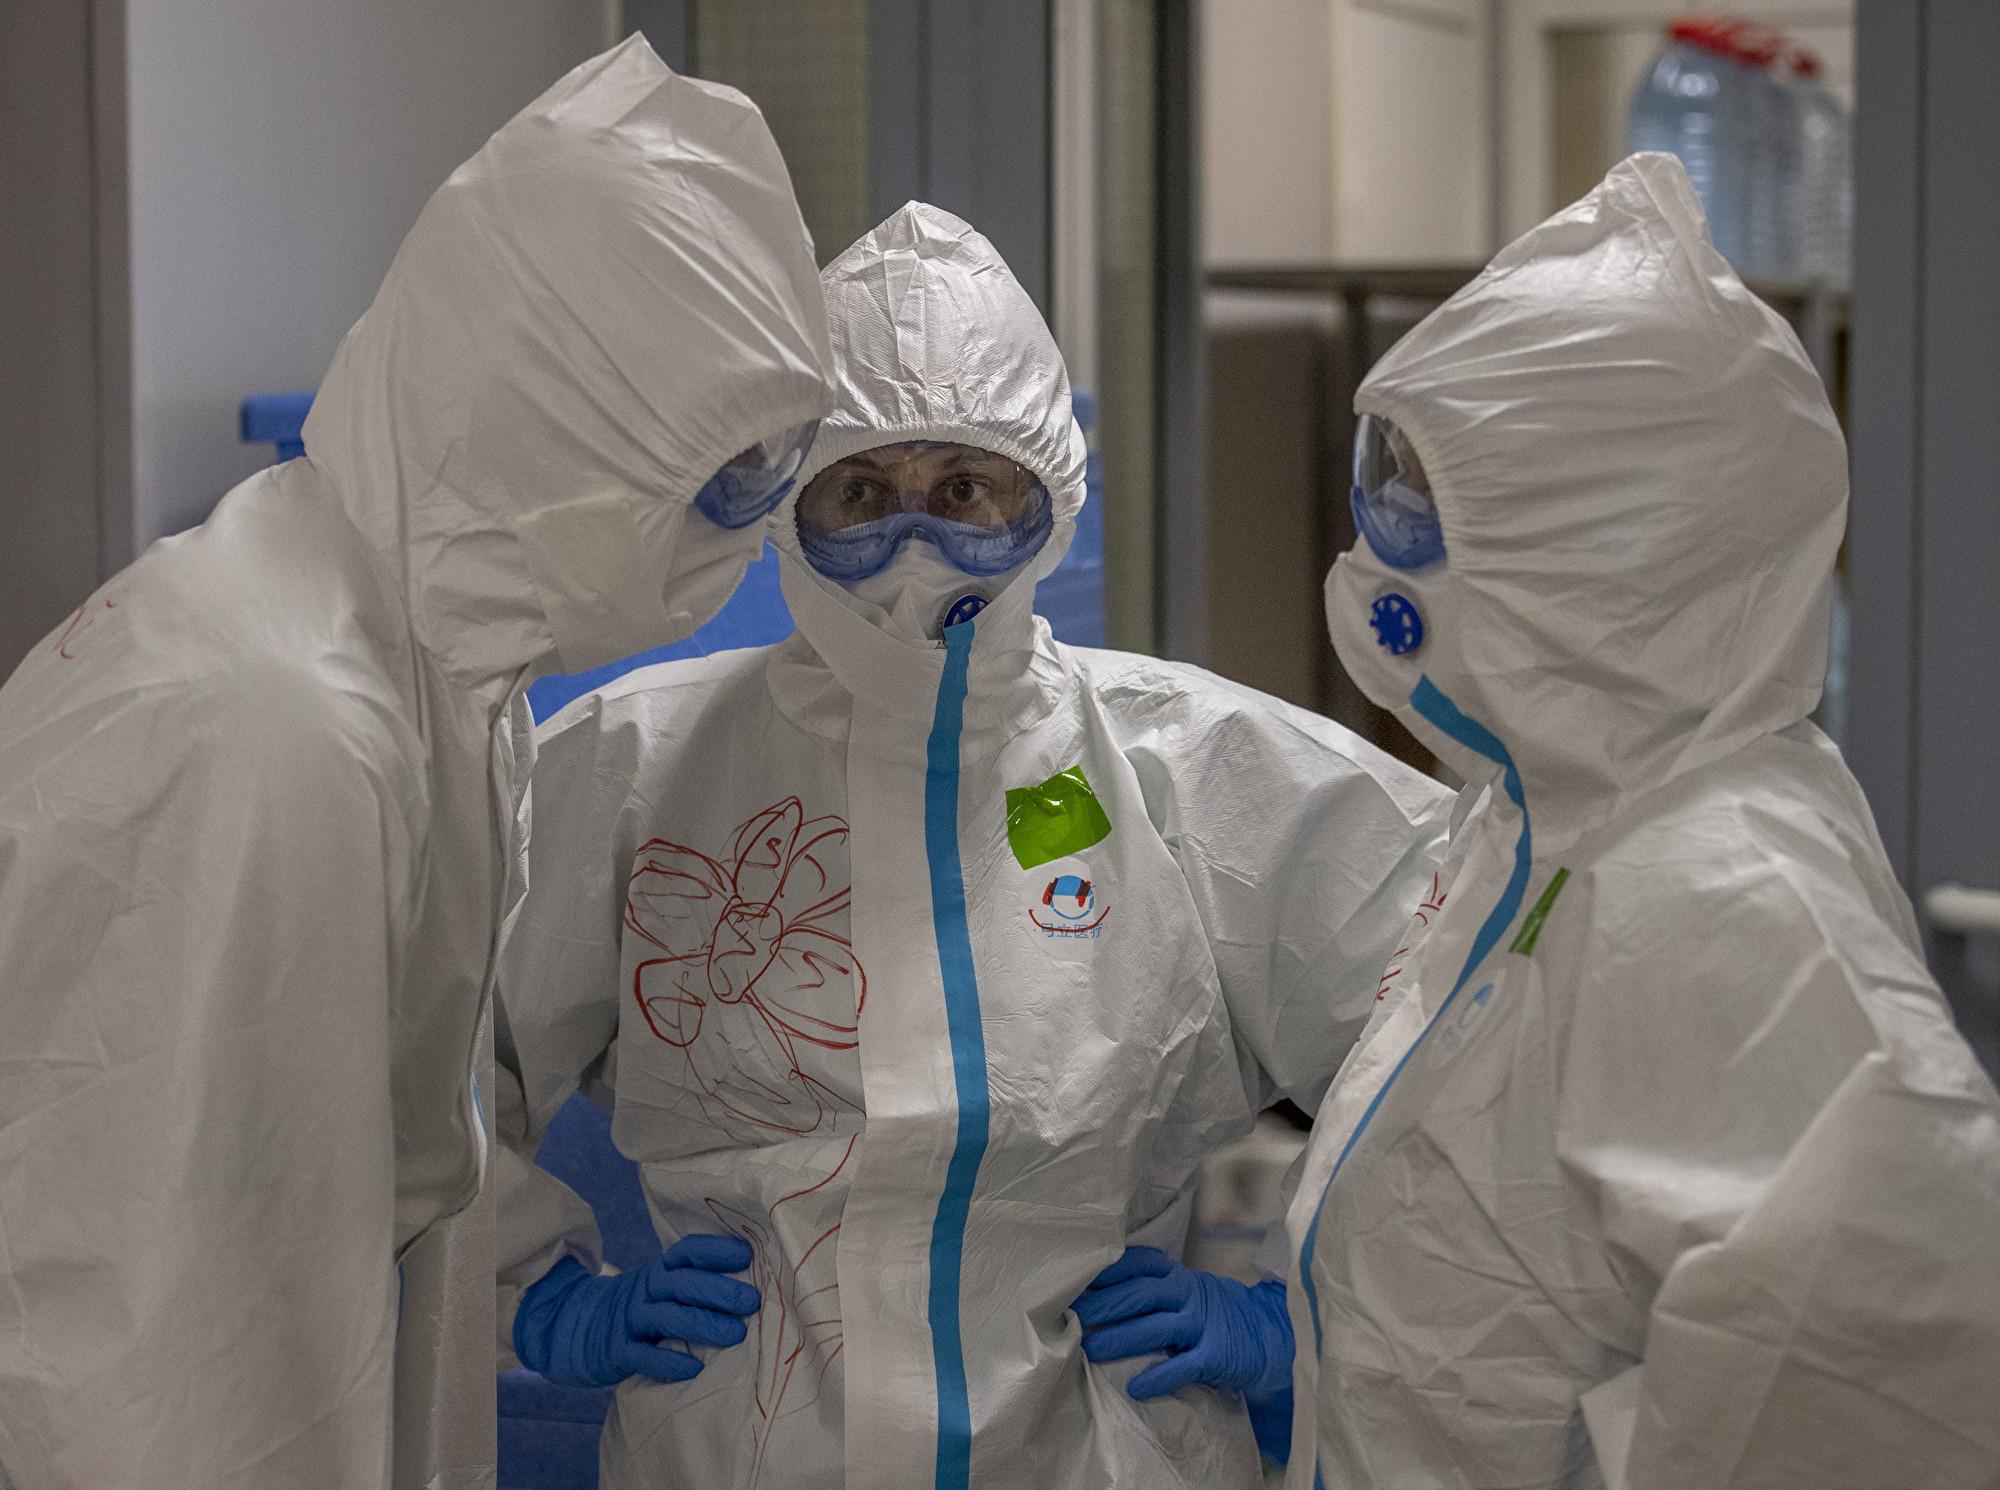 中共病毒大流行 兩周內三名俄羅斯醫生墜樓